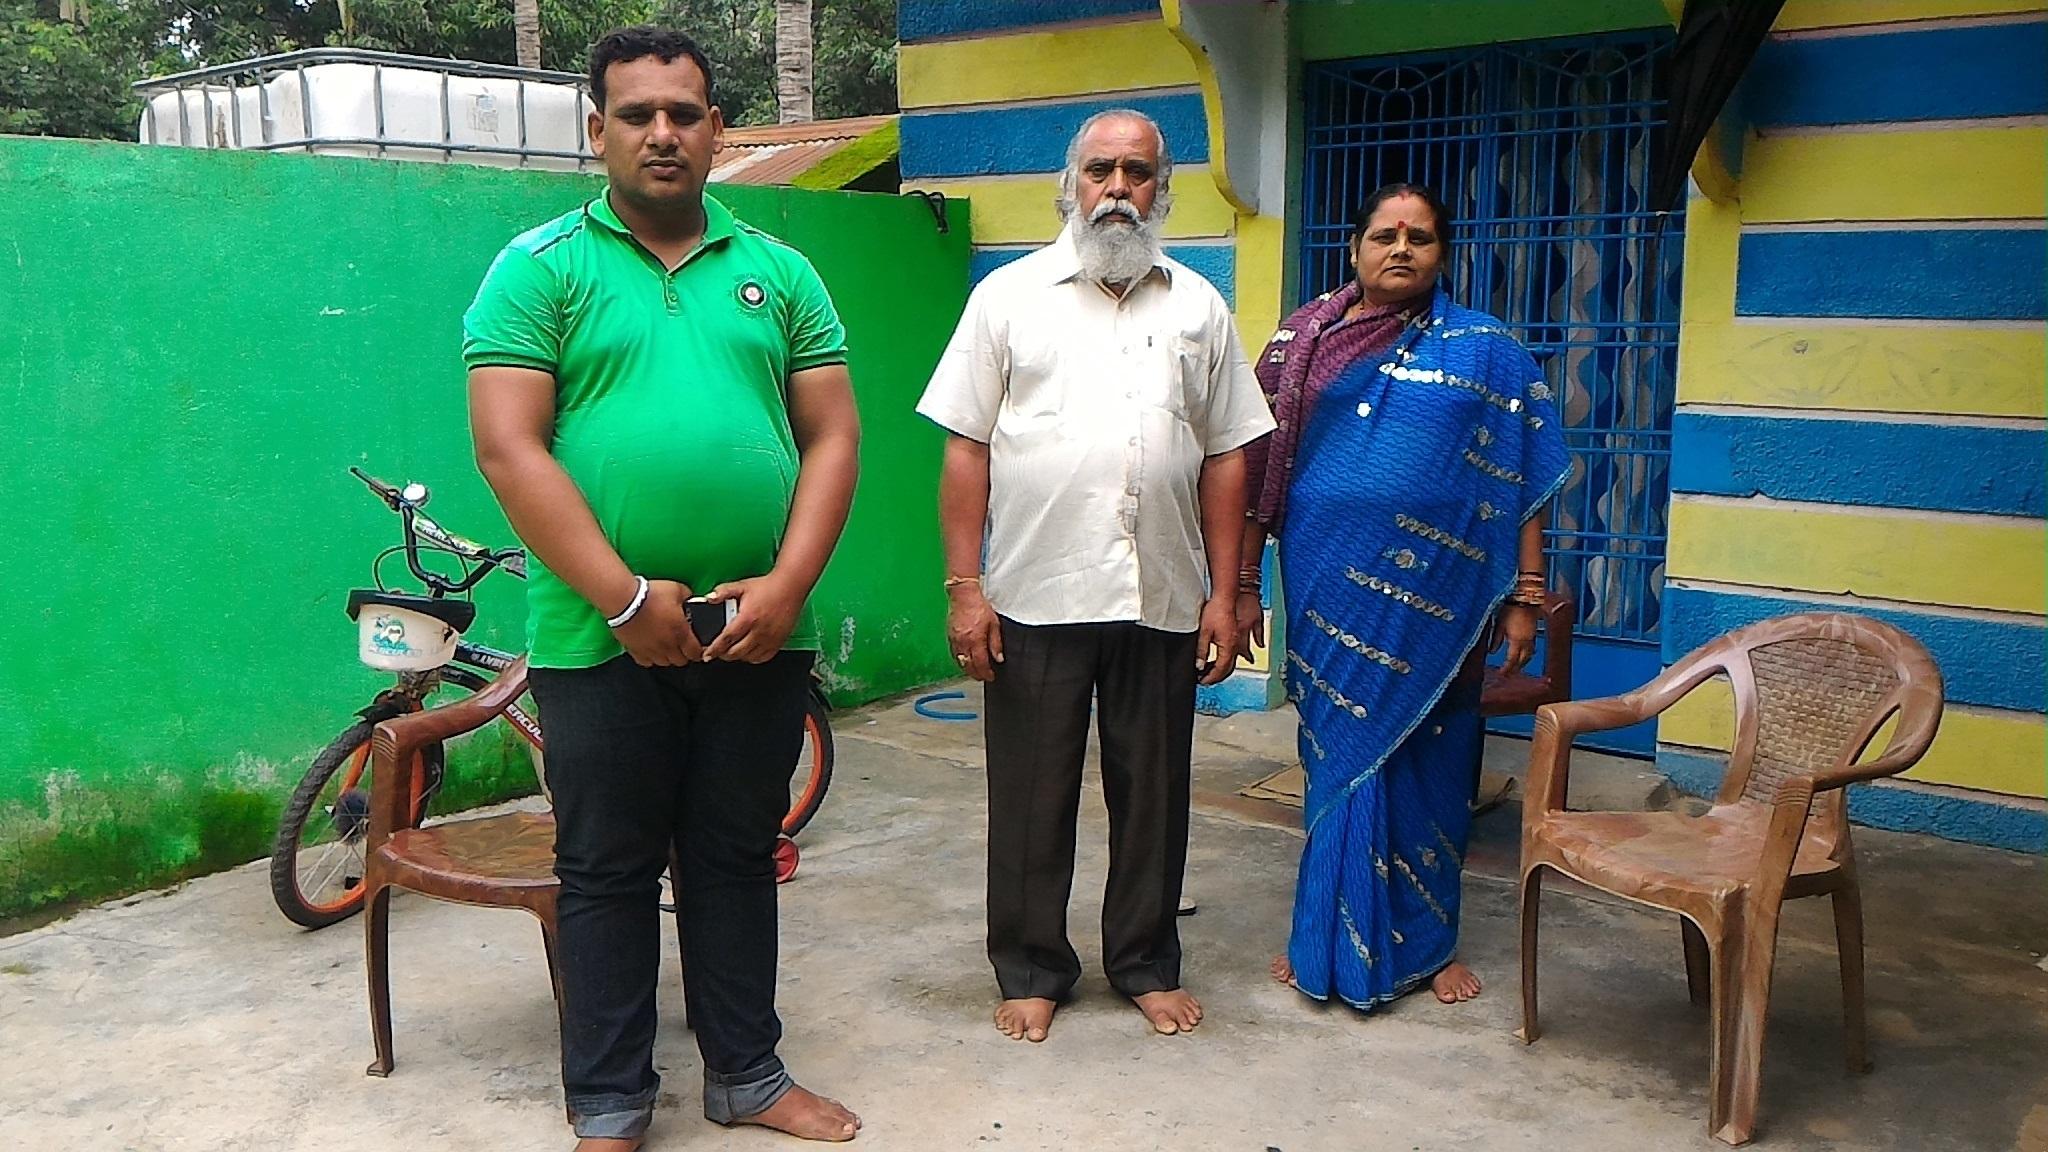 Niranjan Dash's brother and parents at their home in Telia village, Jeypore, Odisha. Photo credit: Sharanya Nayak